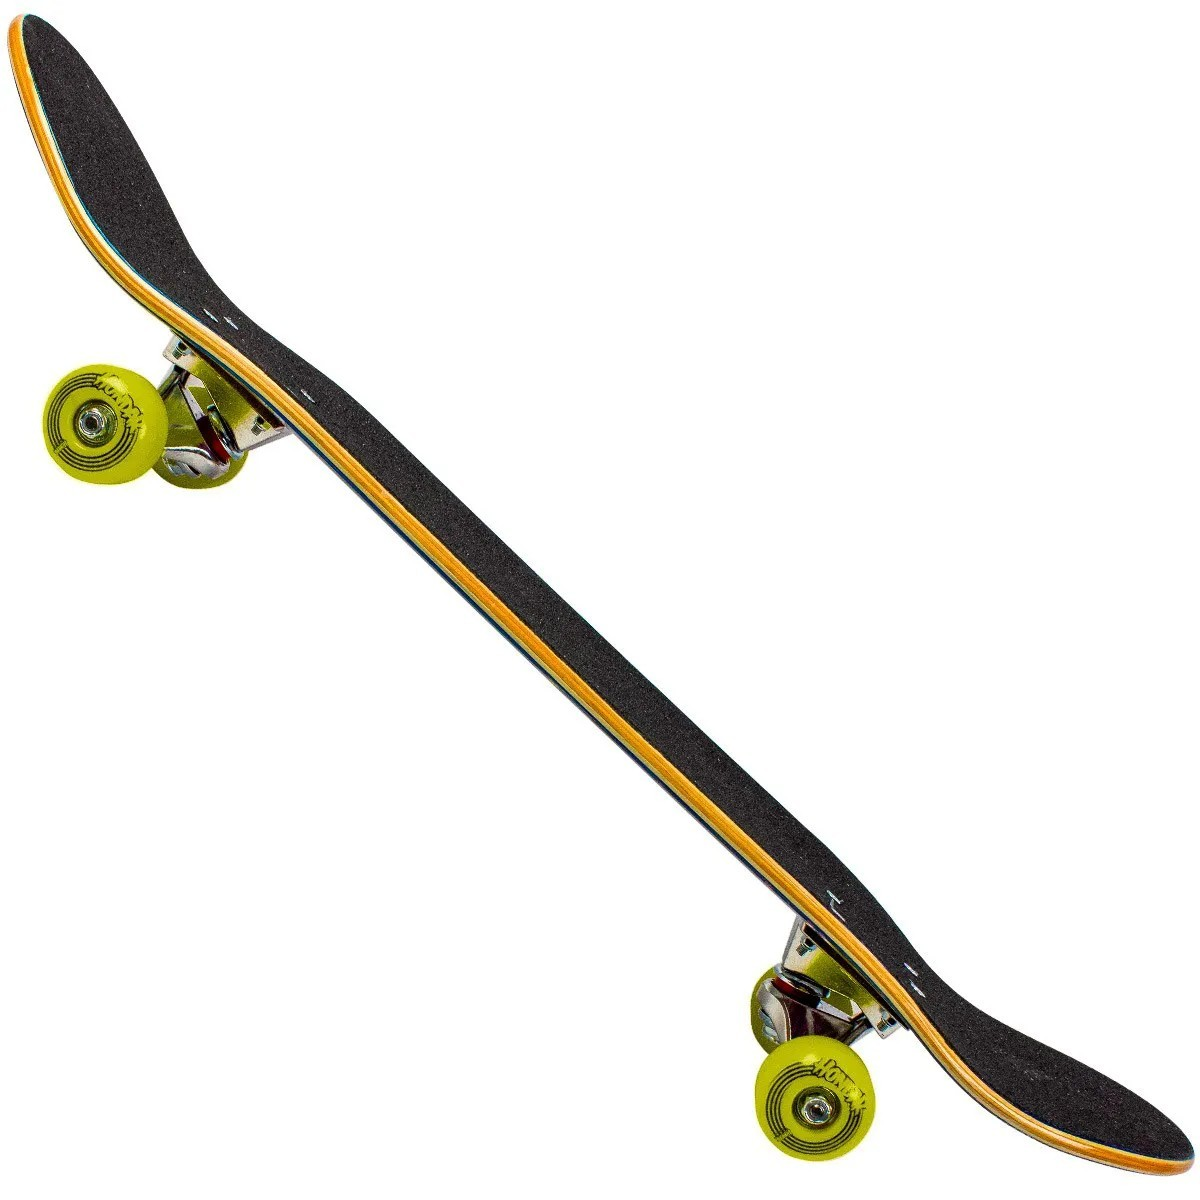 Skate Completo Iniciante Hondar Importado